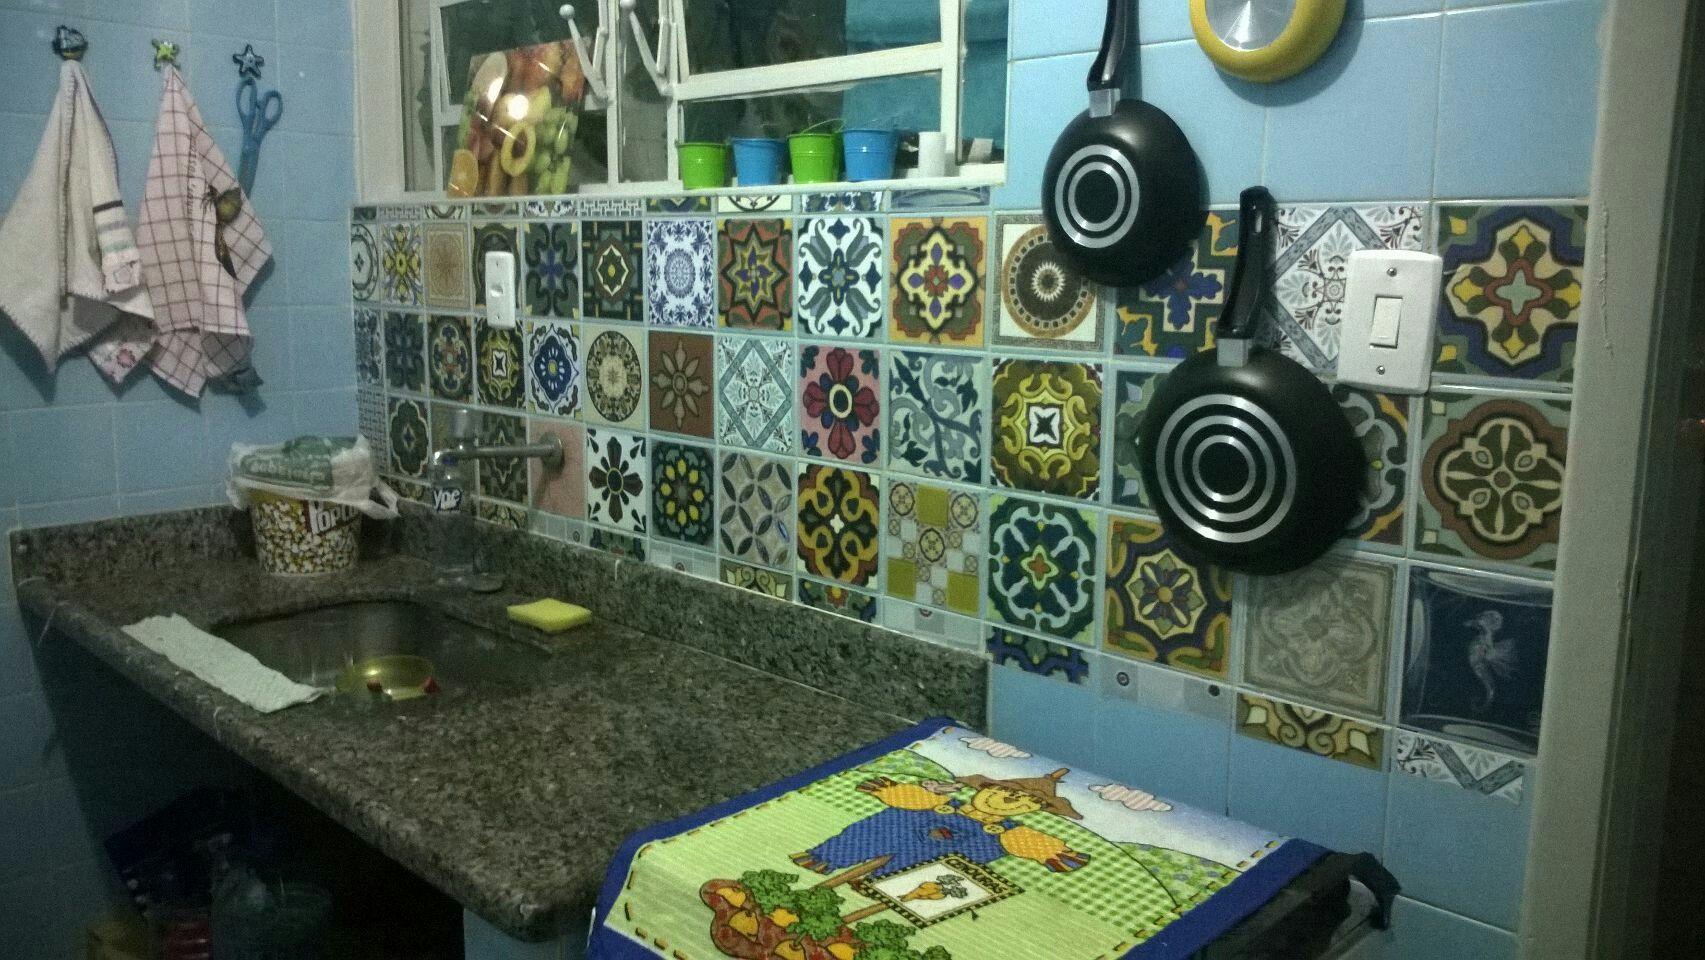 Peças avulsas de adesivo vinílico com estampas de azulejos, formando um lindo mosaico. SOADESIVOS.